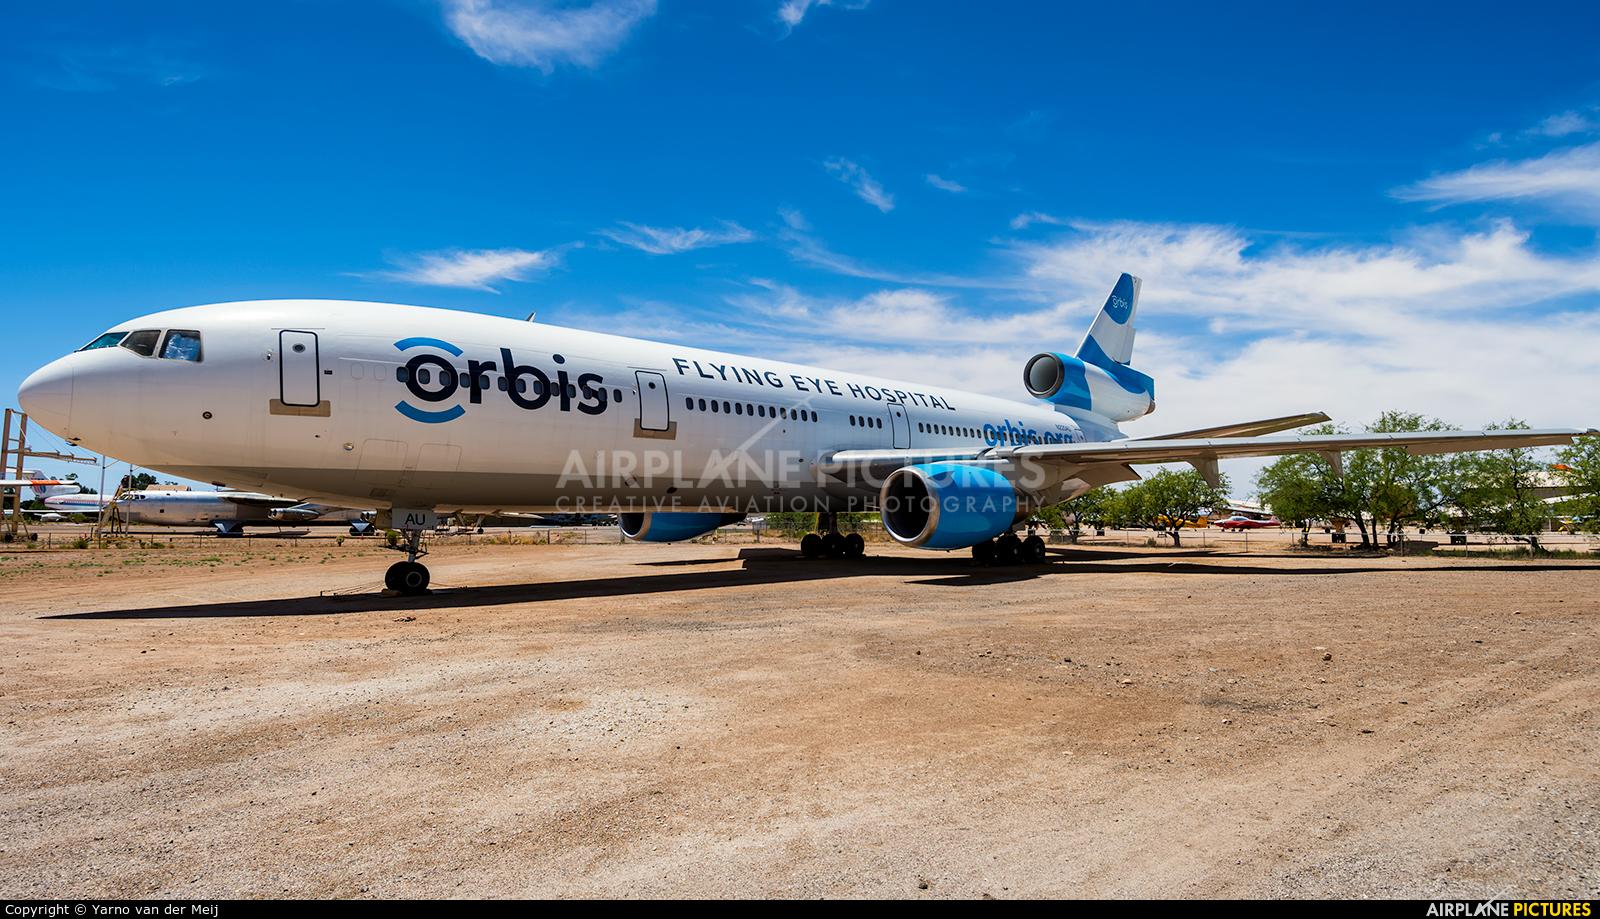 Orbis N220AU aircraft at Tucson - Pima Air & Space Museum